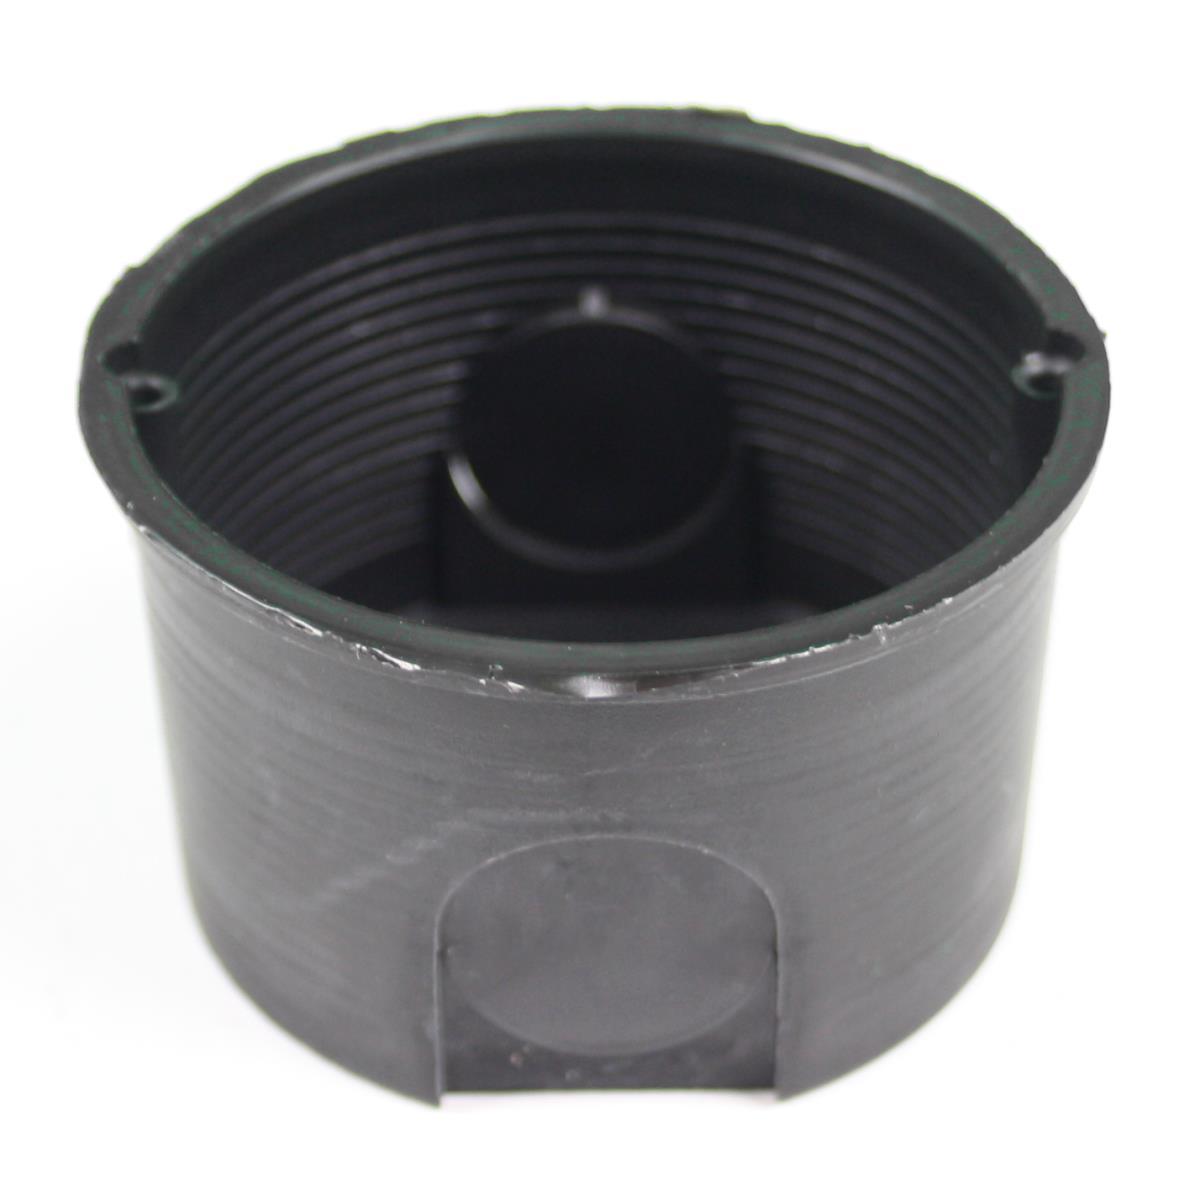 Unterputzdose Schalterdose Ø 60 x 41 mm schwarz,Elektro-Plast,0202-00, 5901130480036